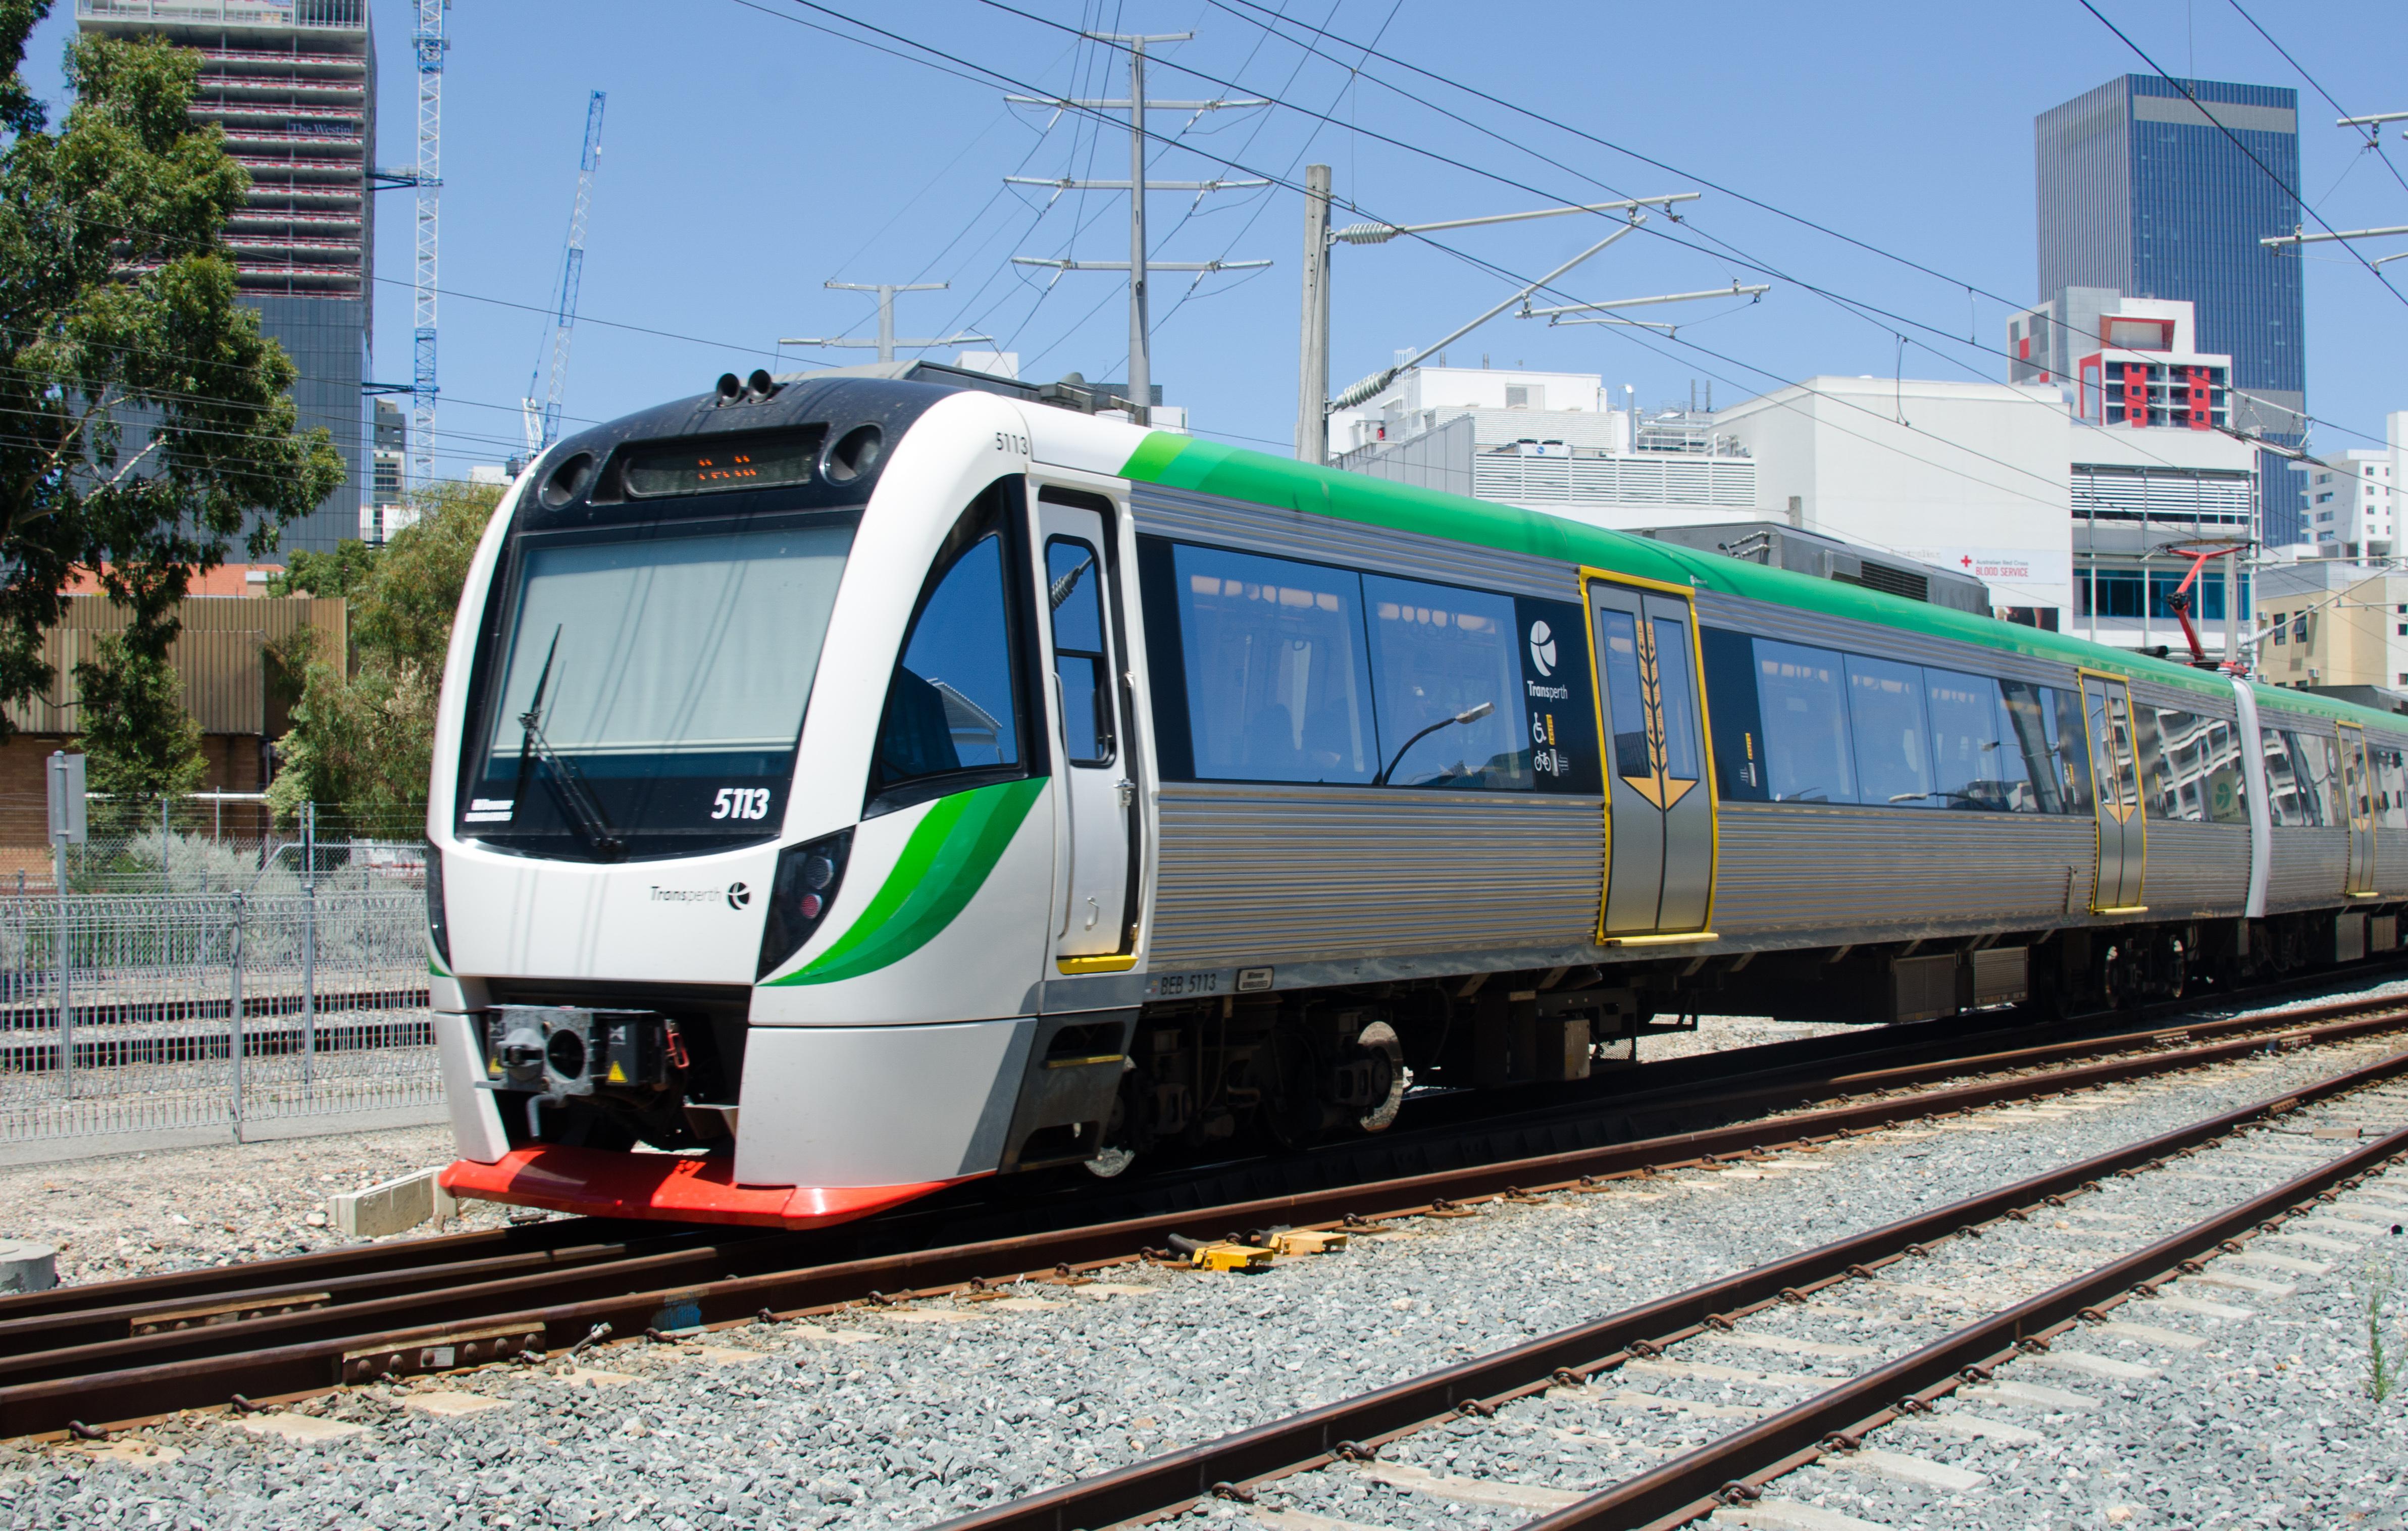 Transperth Trains - Wikipedia